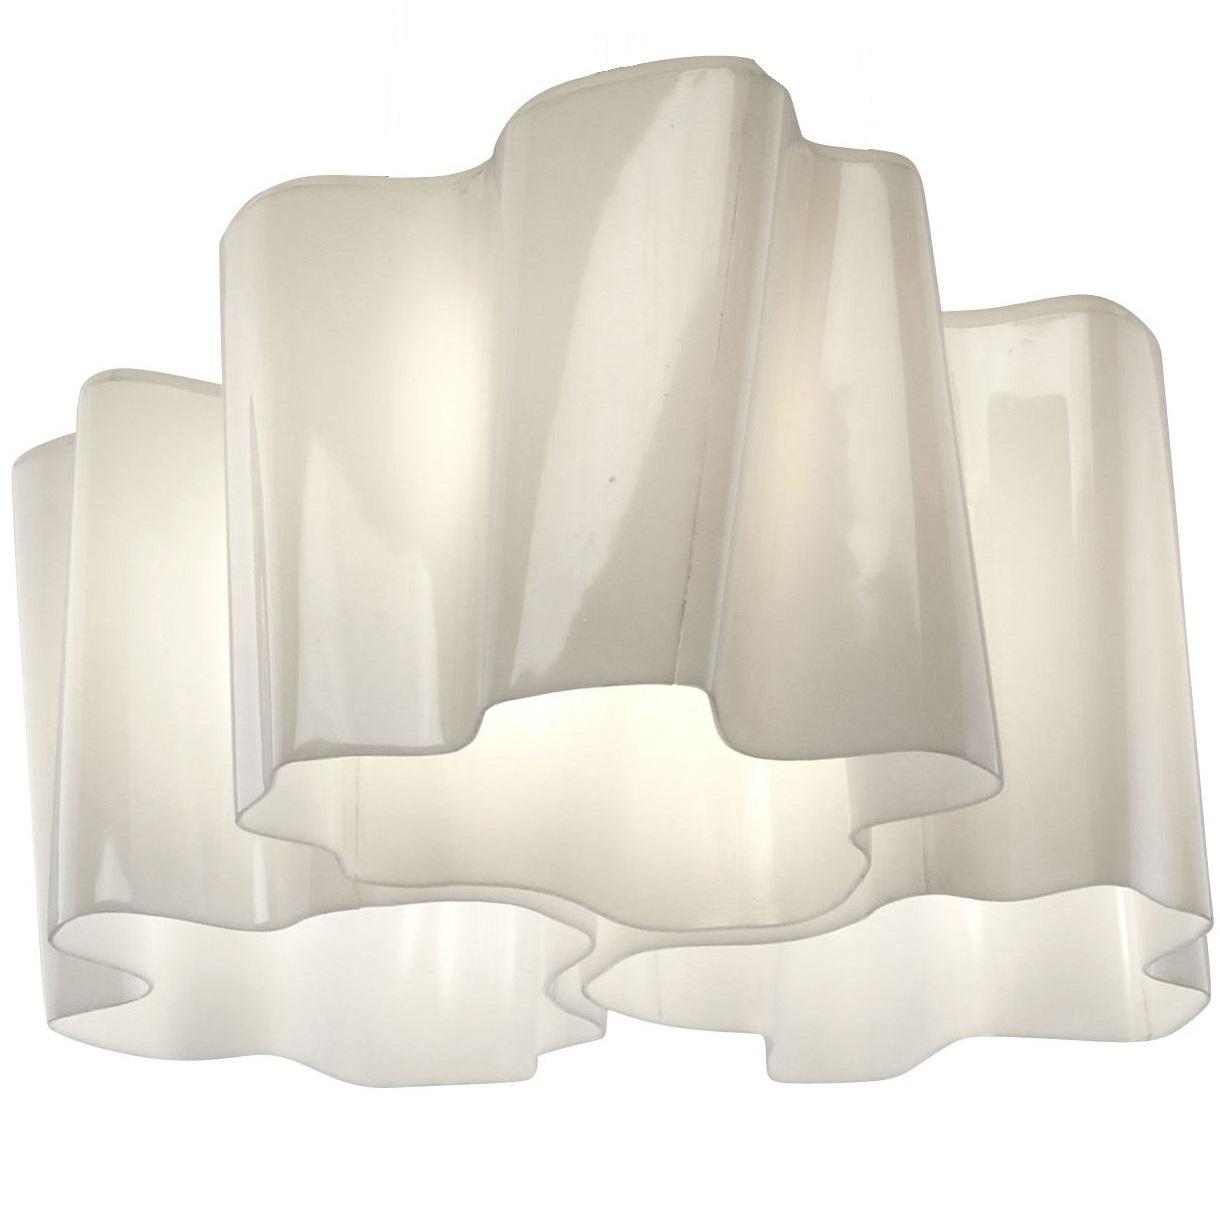 Designová stropní svítidla Logico Soffitto 3 x 120